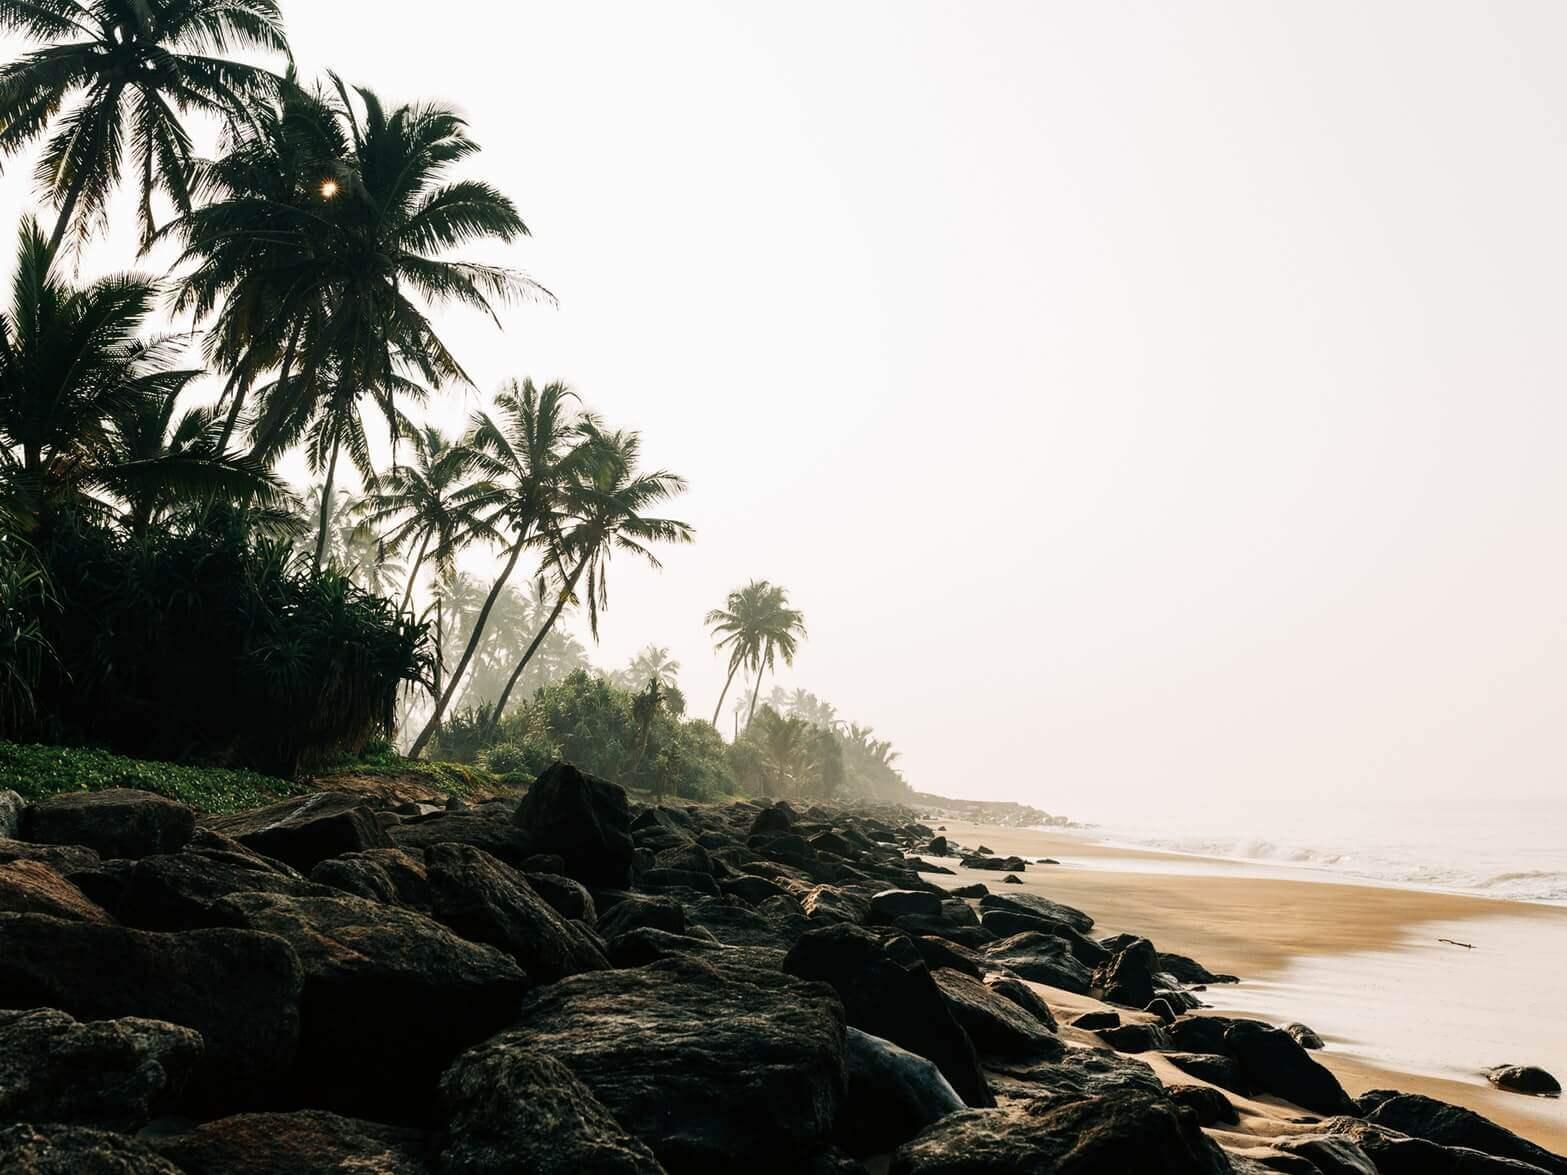 Koronavirus na Srí Lance. statistiky koronavirových infekcí na Srí Lance. online mapa koronaviru na Srí Lance